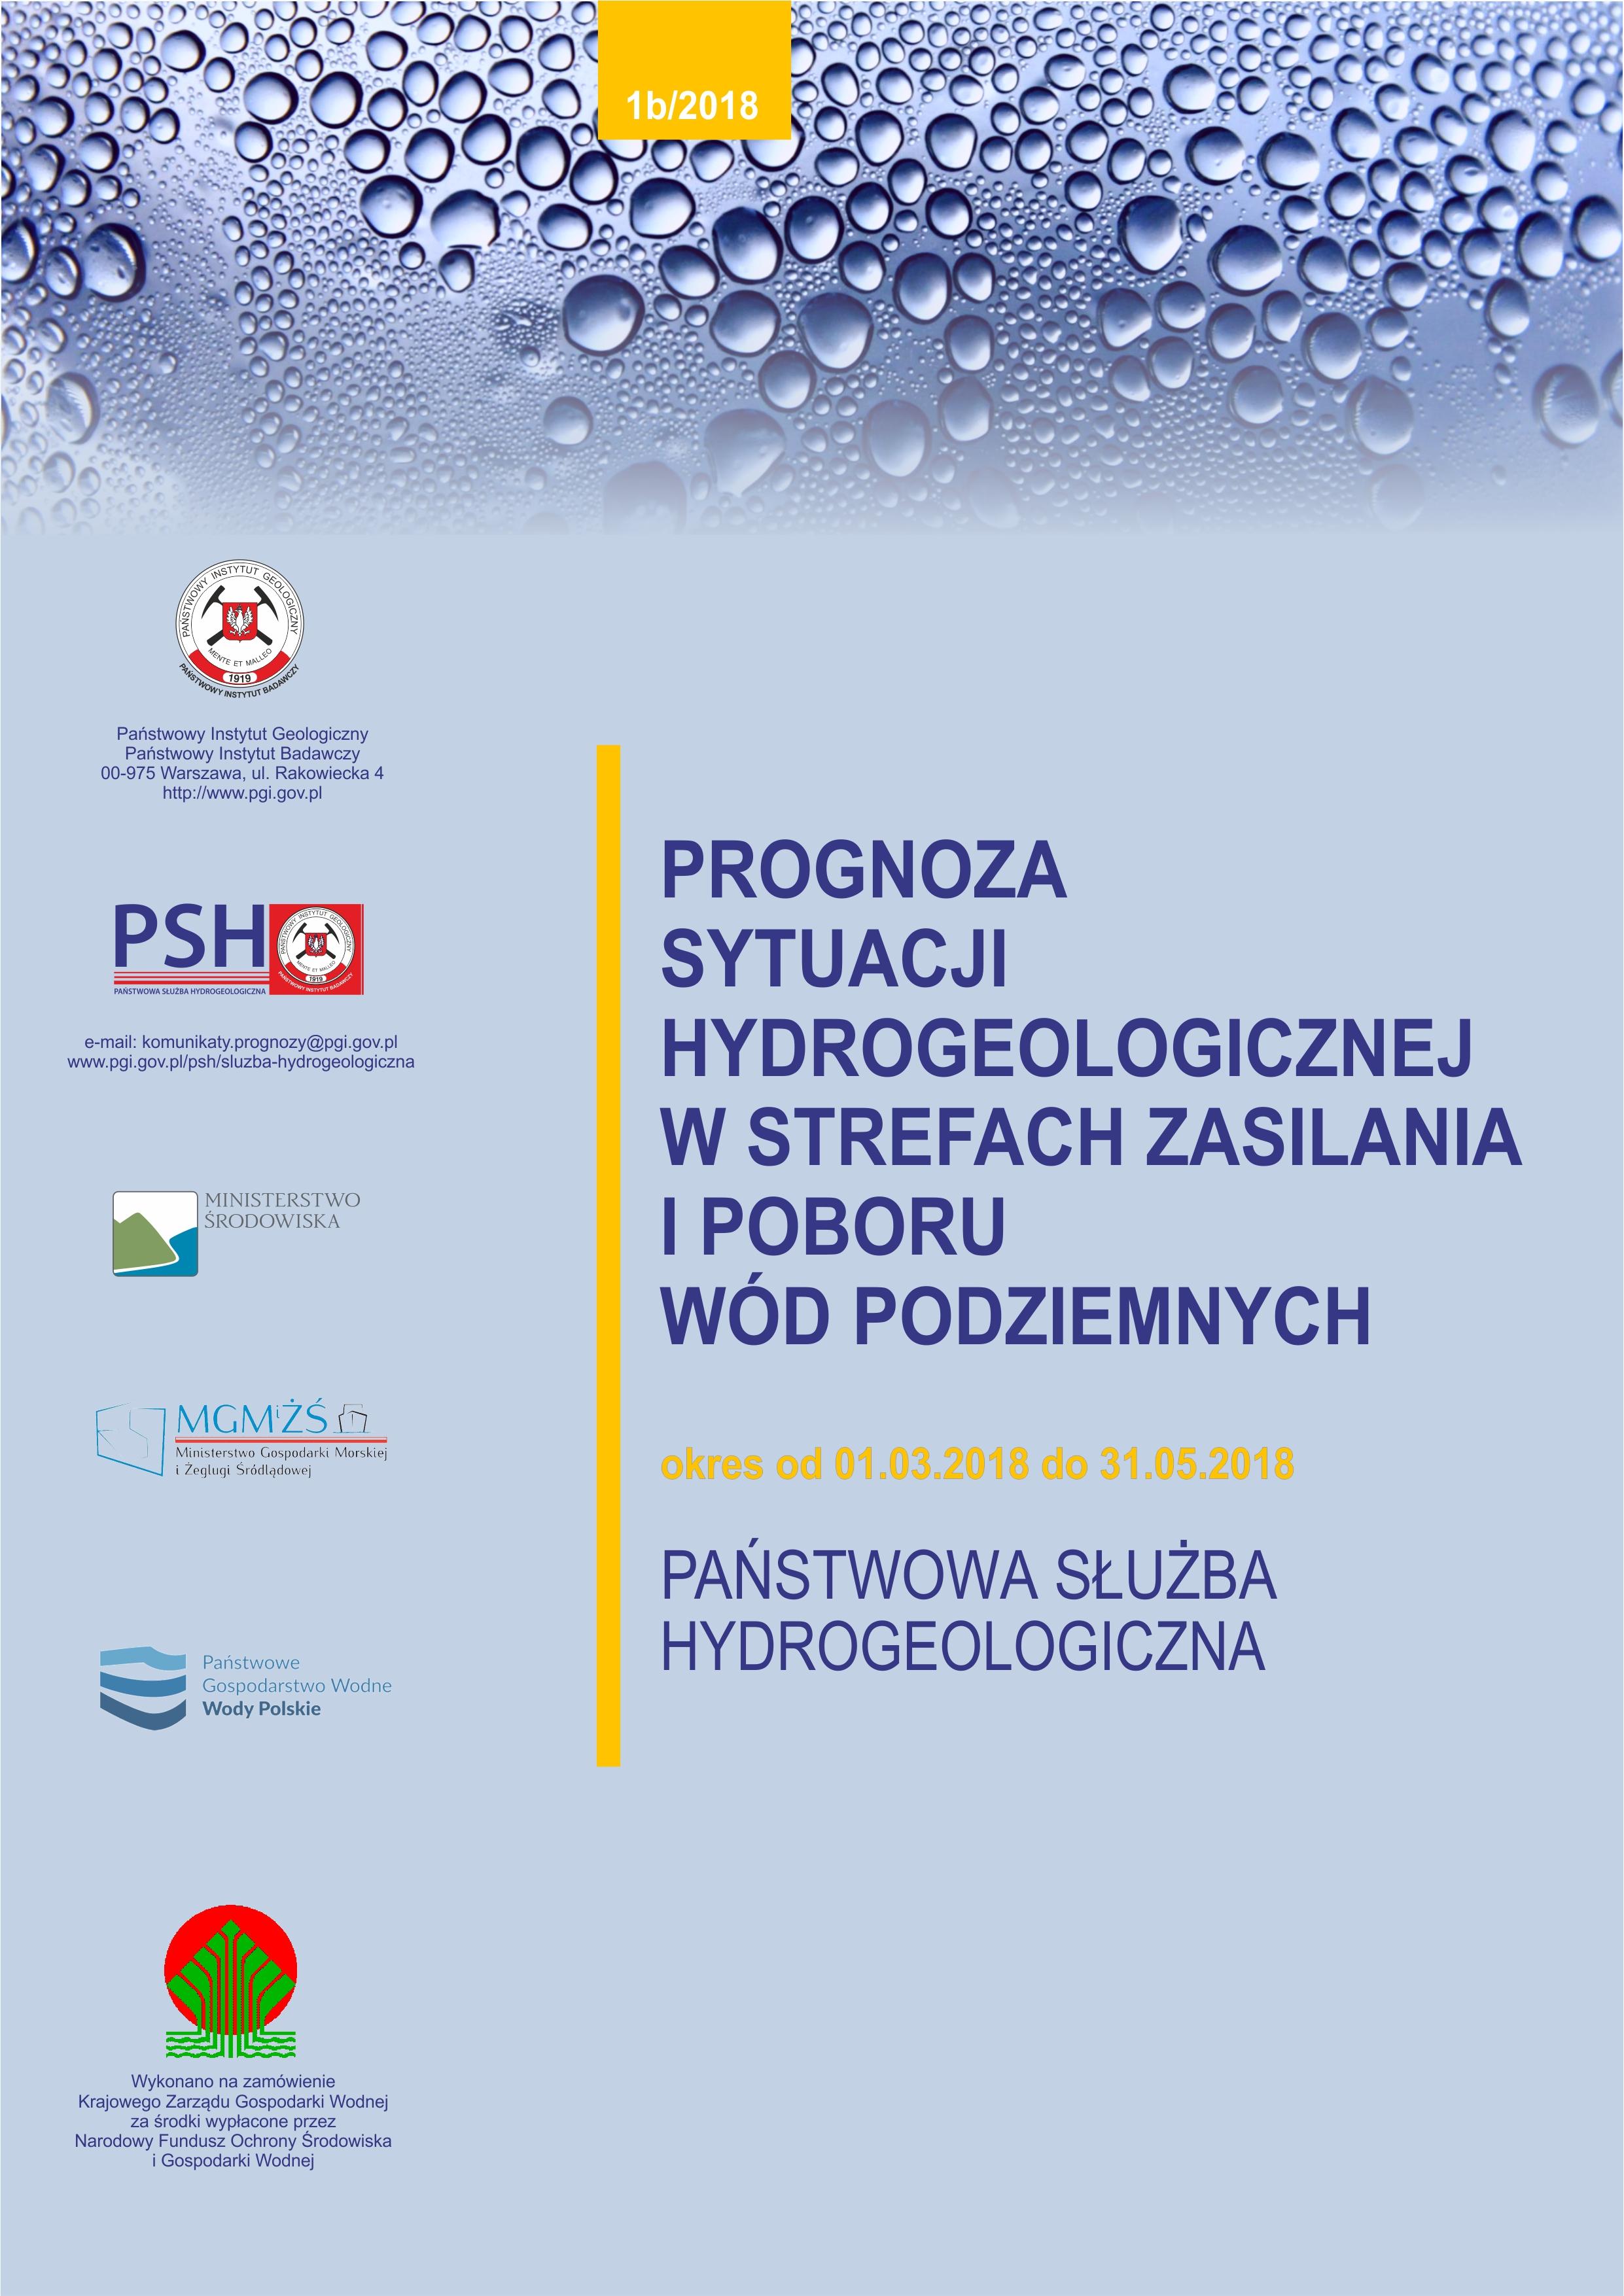 Prognoza sytuacji hydrogeologicznej w strefach zasilania i poboru wód podziemnych 01.03.2018- 31.05.2018